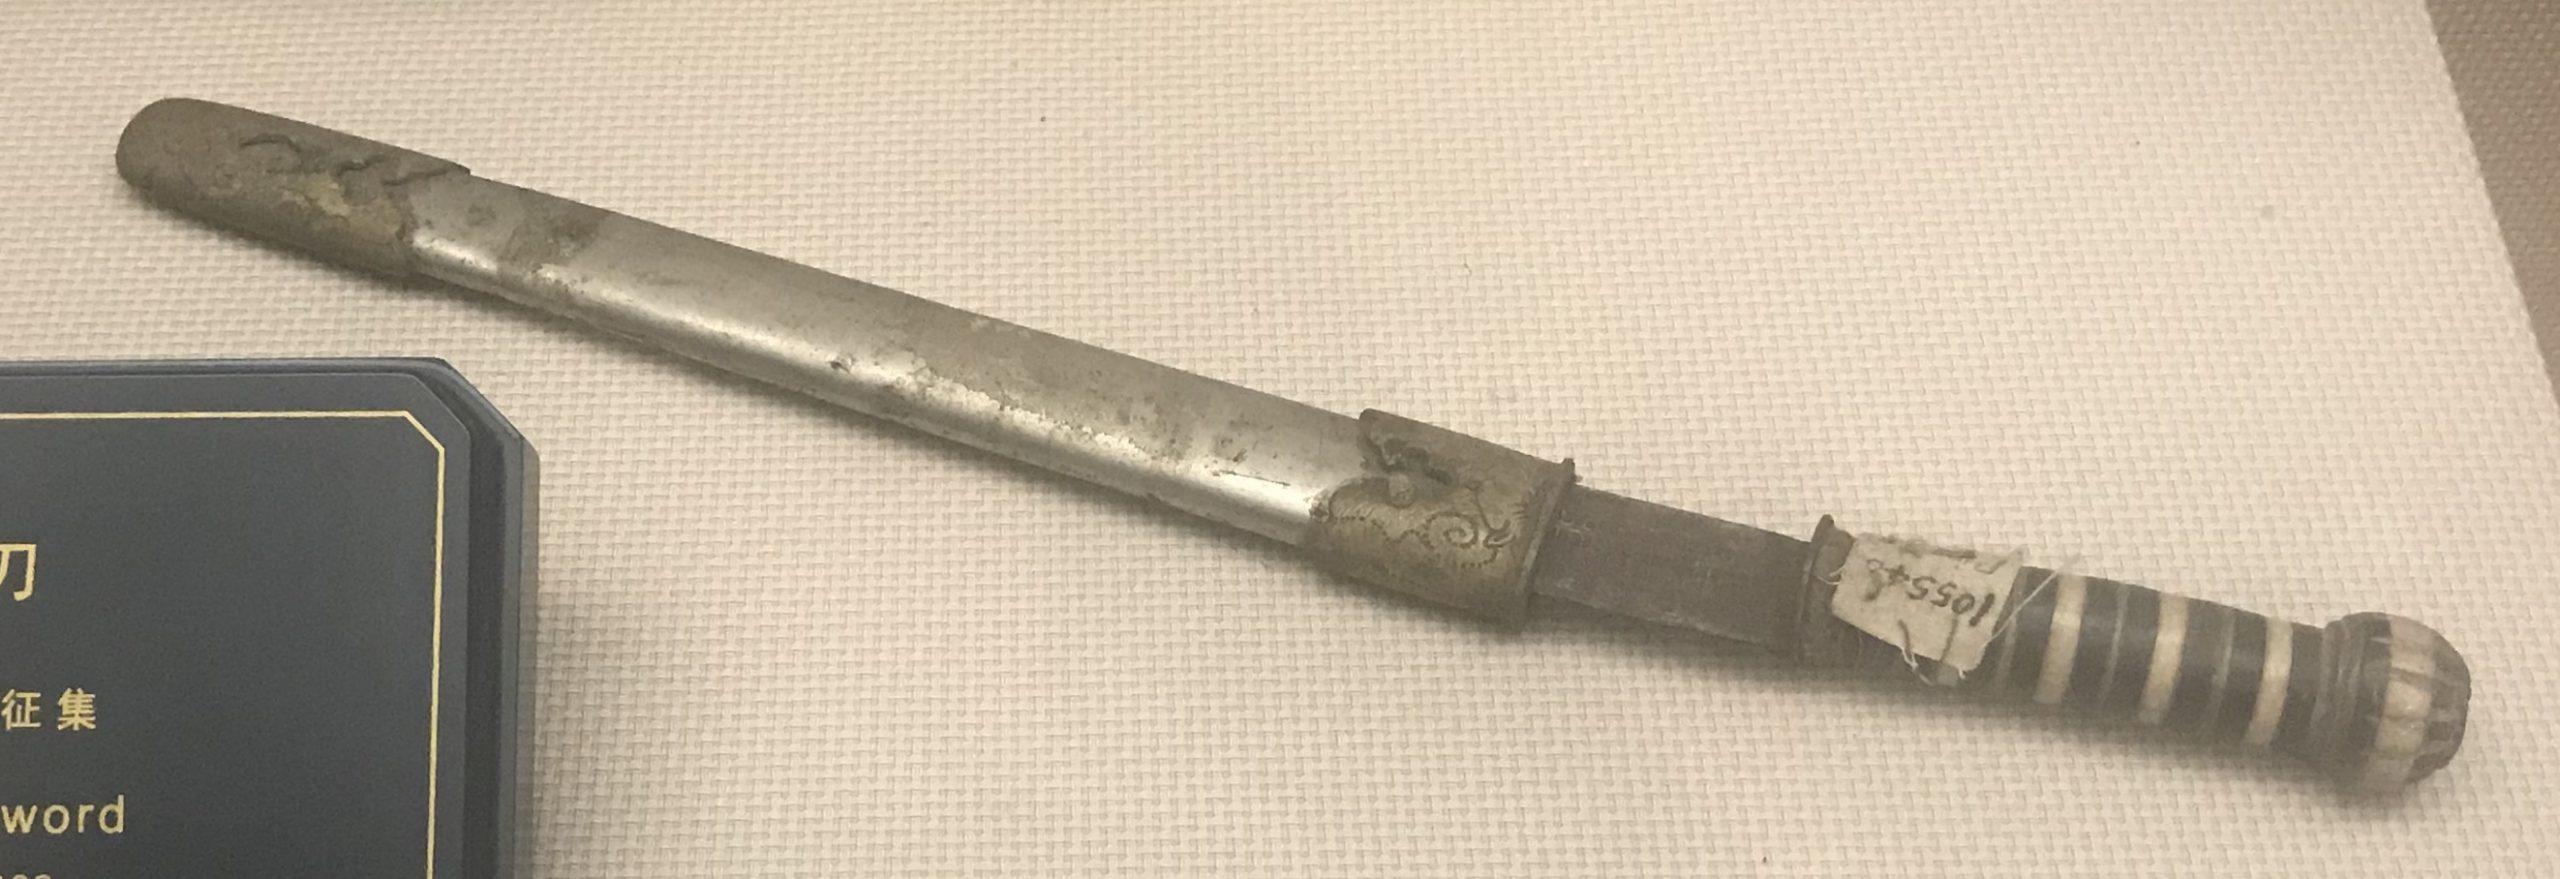 鉄腰刀-彜族工具-四川民族文物館-四川博物館-成都